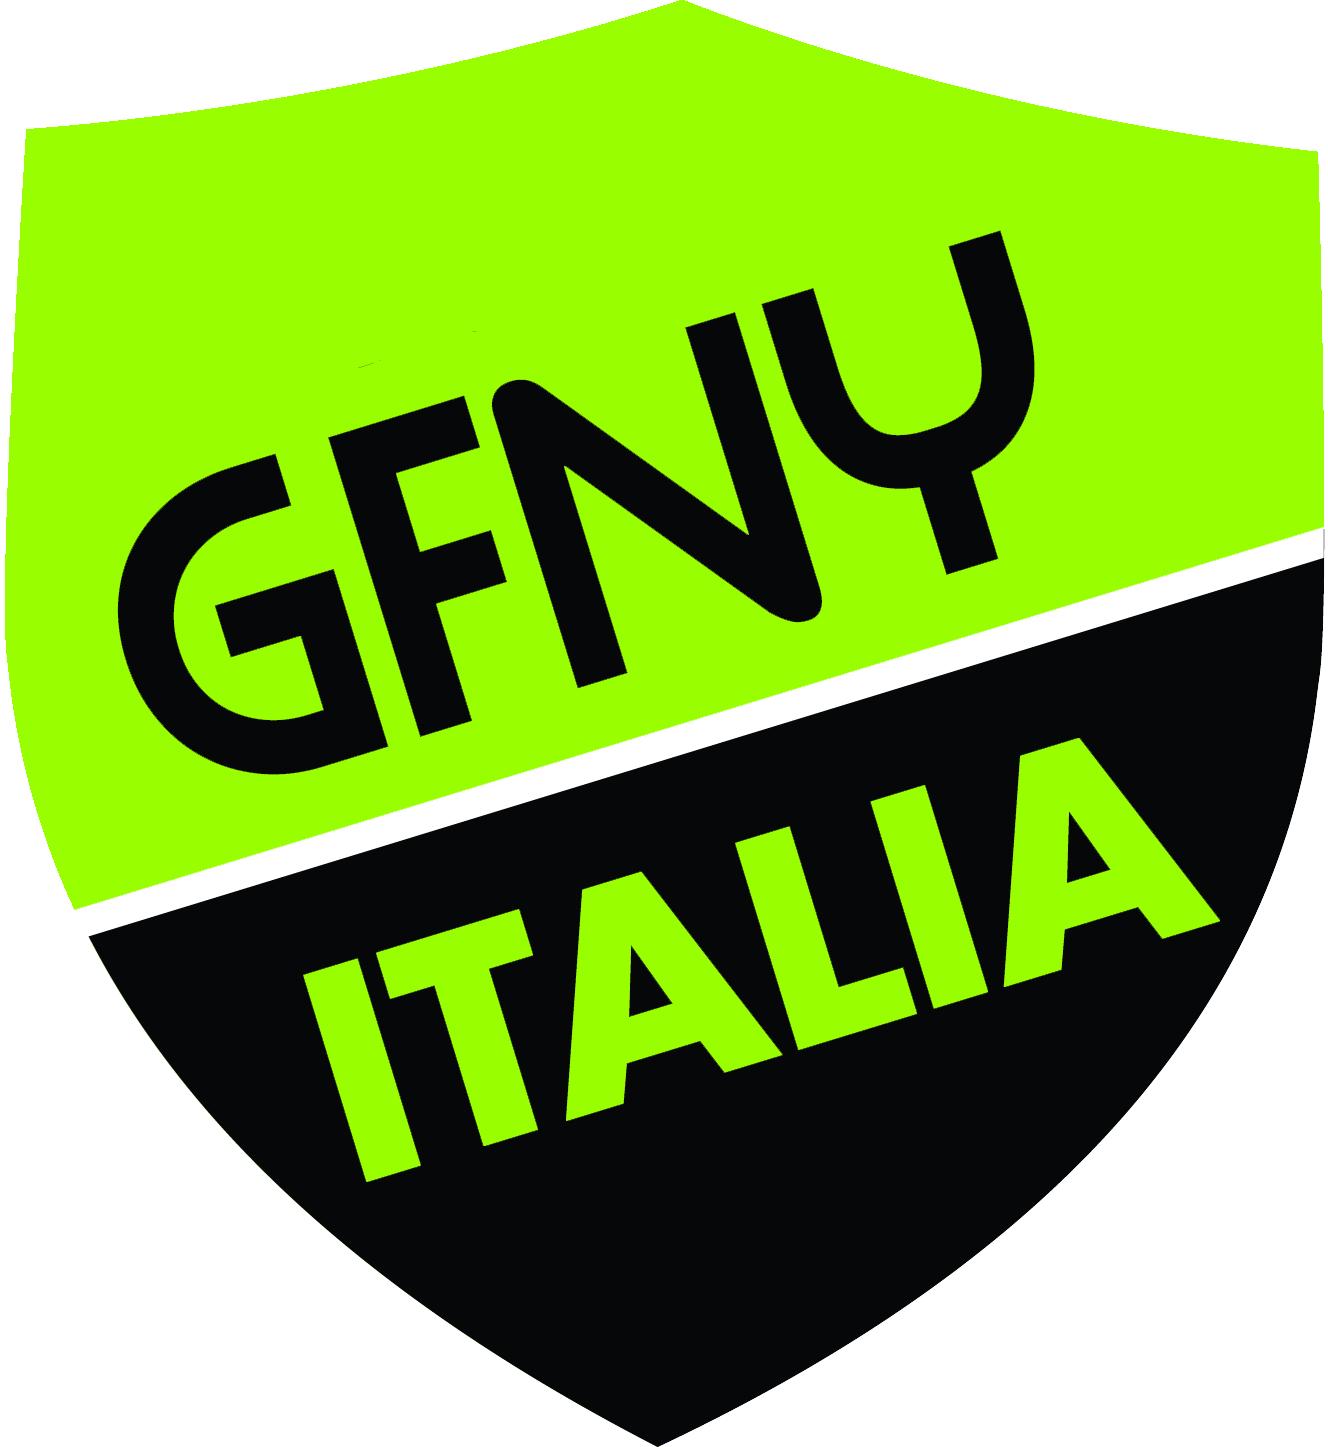 GFNY Italia